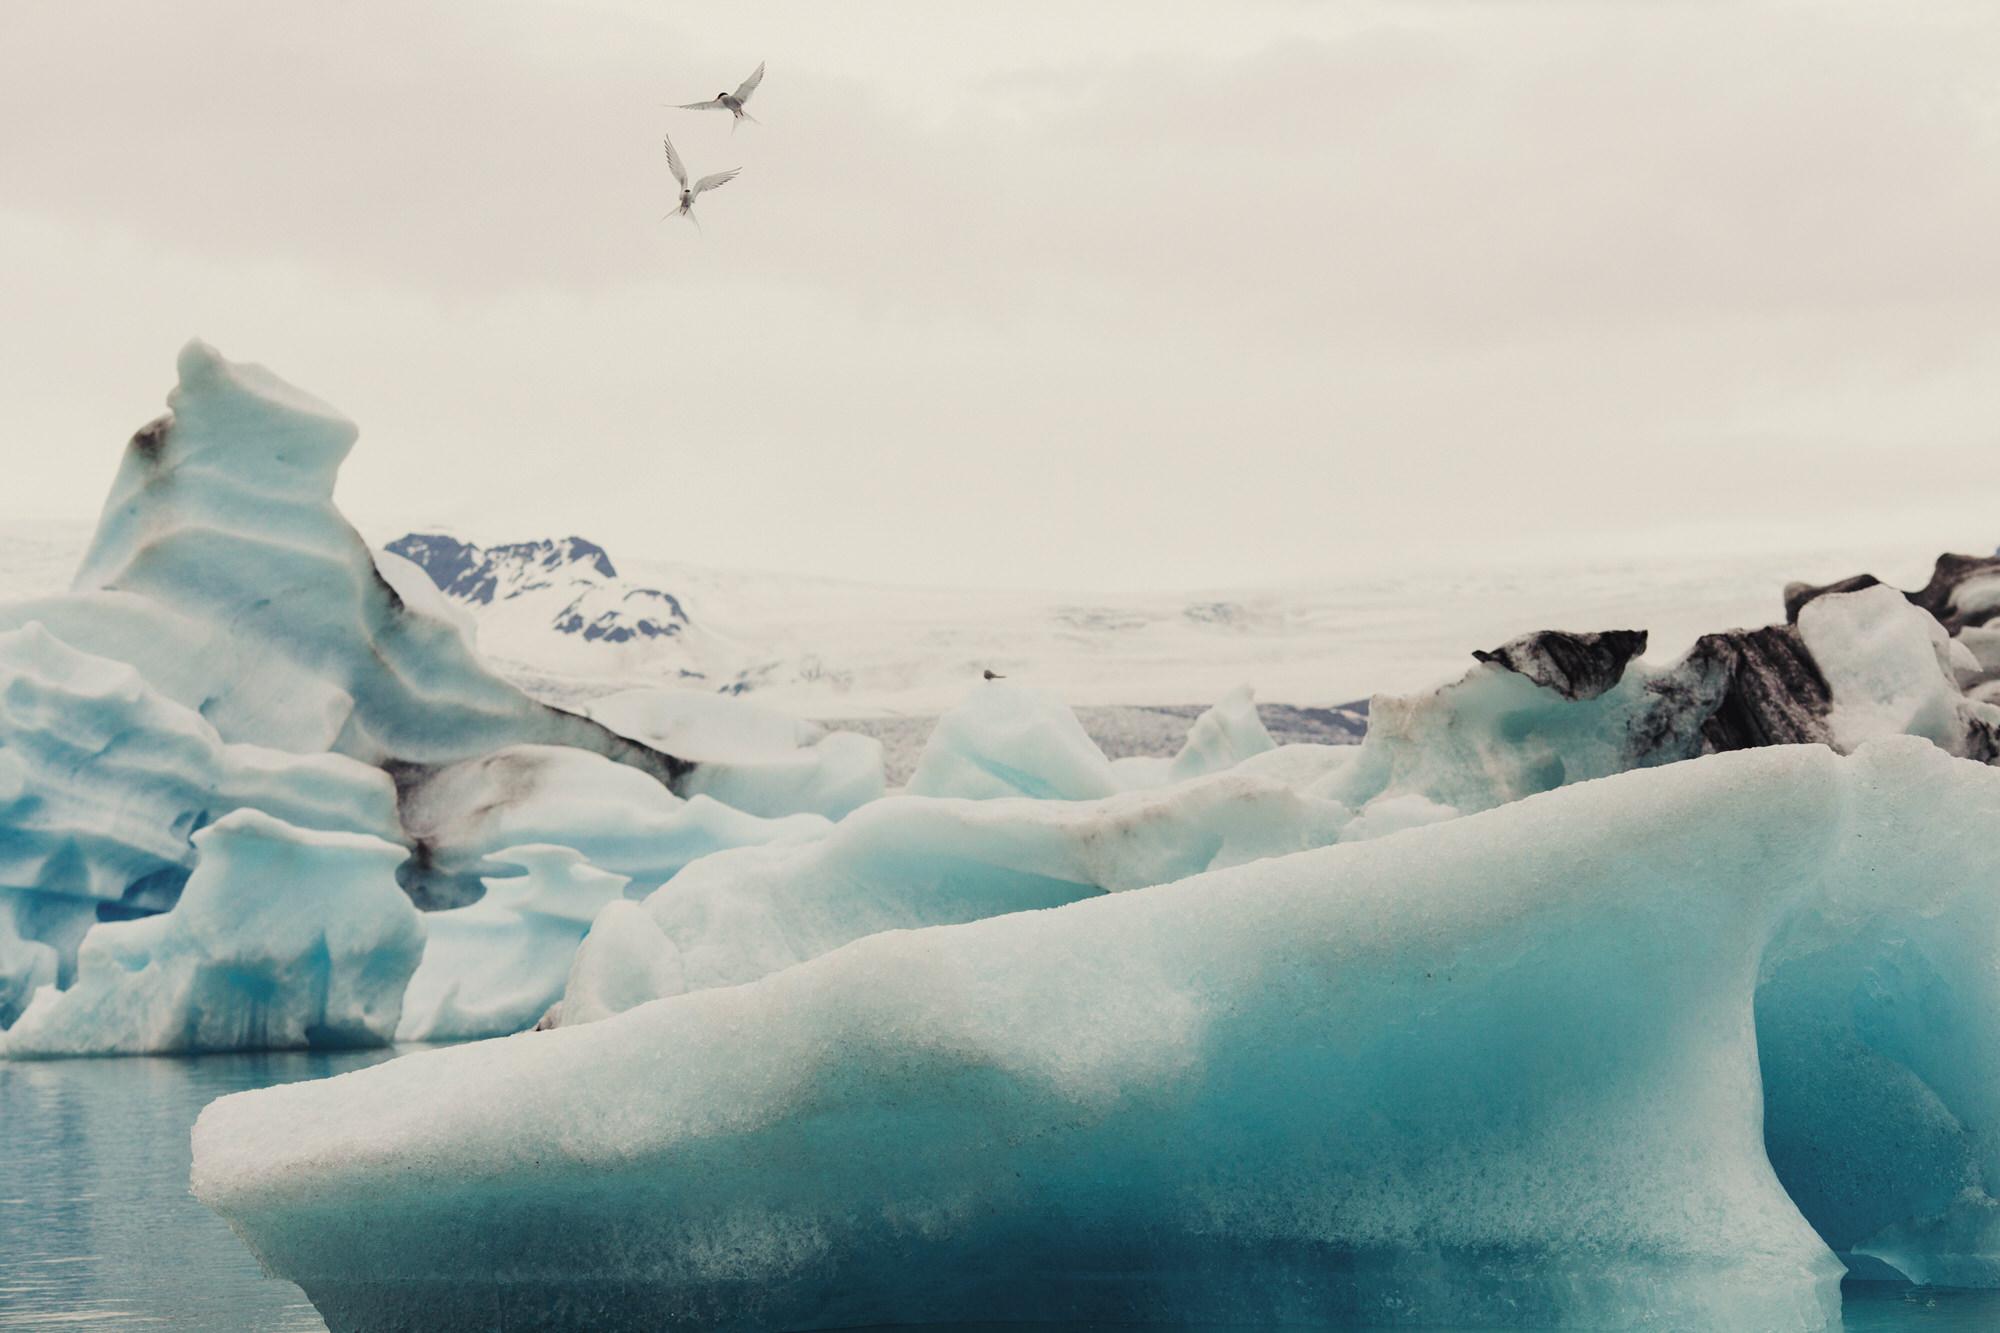 Jökulsárlón glacier lagoon ©Anne-Claire Brun